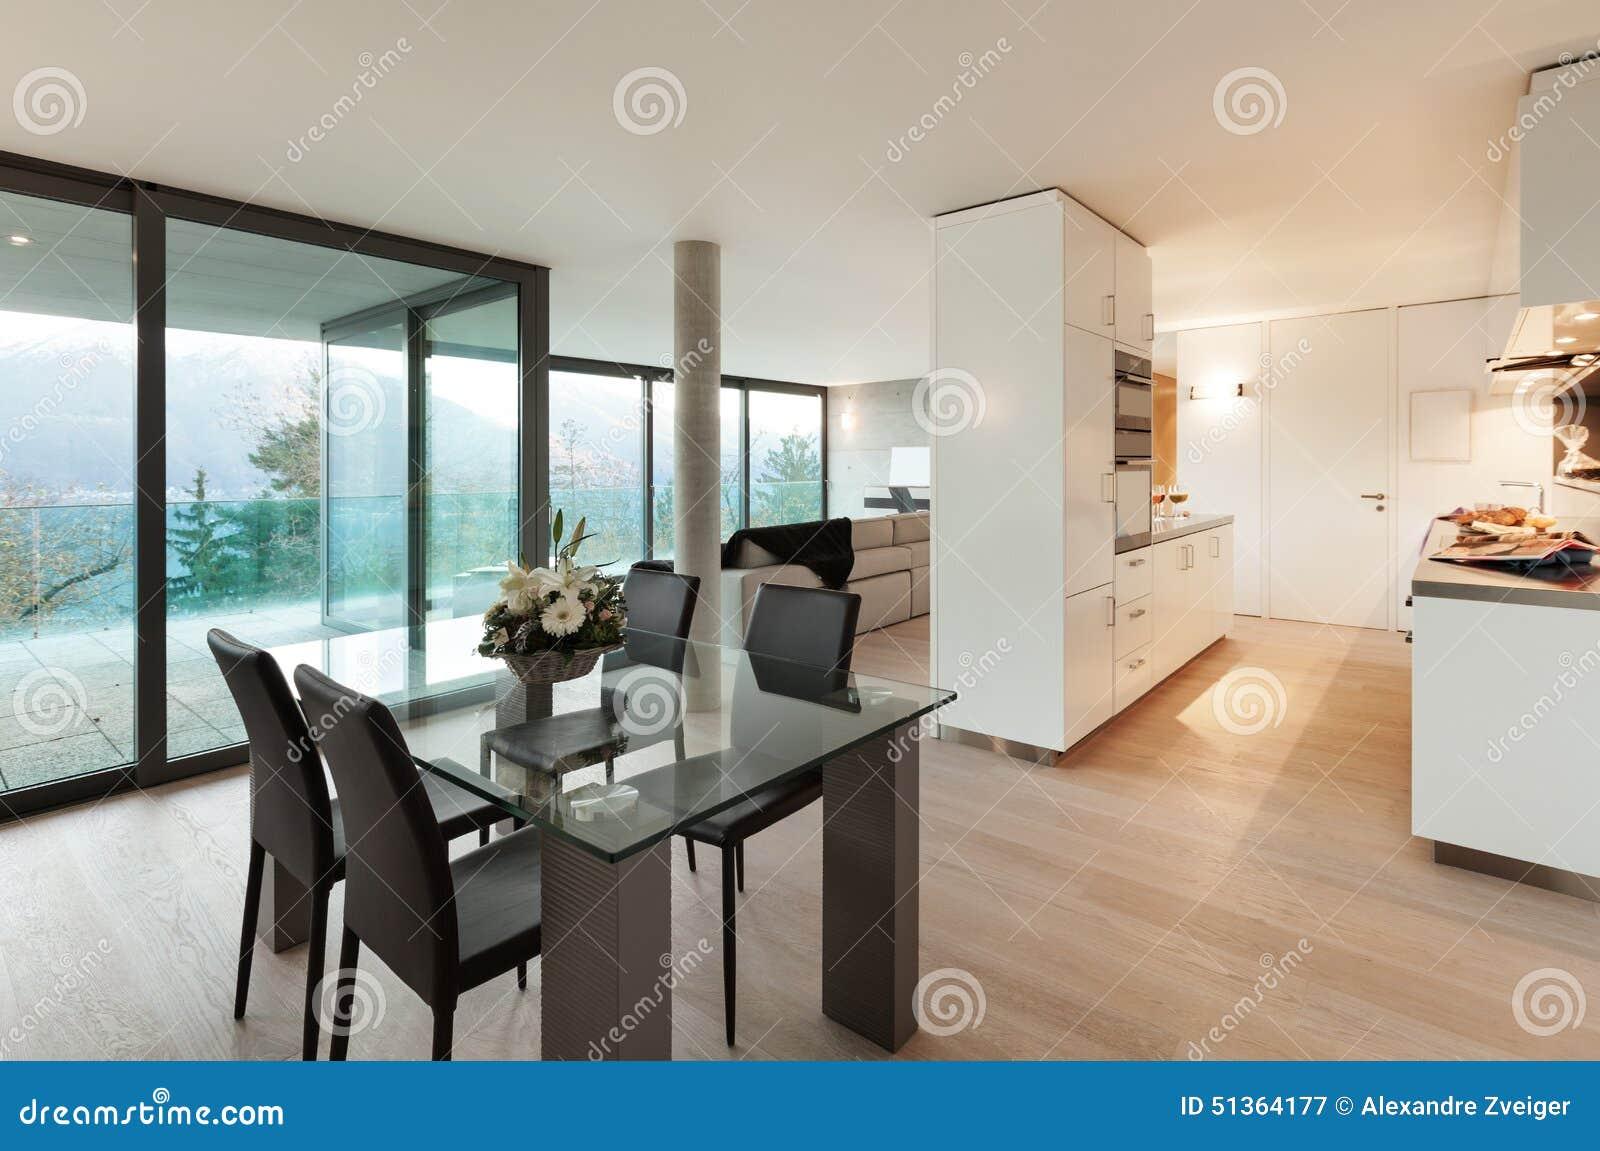 Appartamento moderno interno immagine stock immagine di for Immagini appartamenti moderni